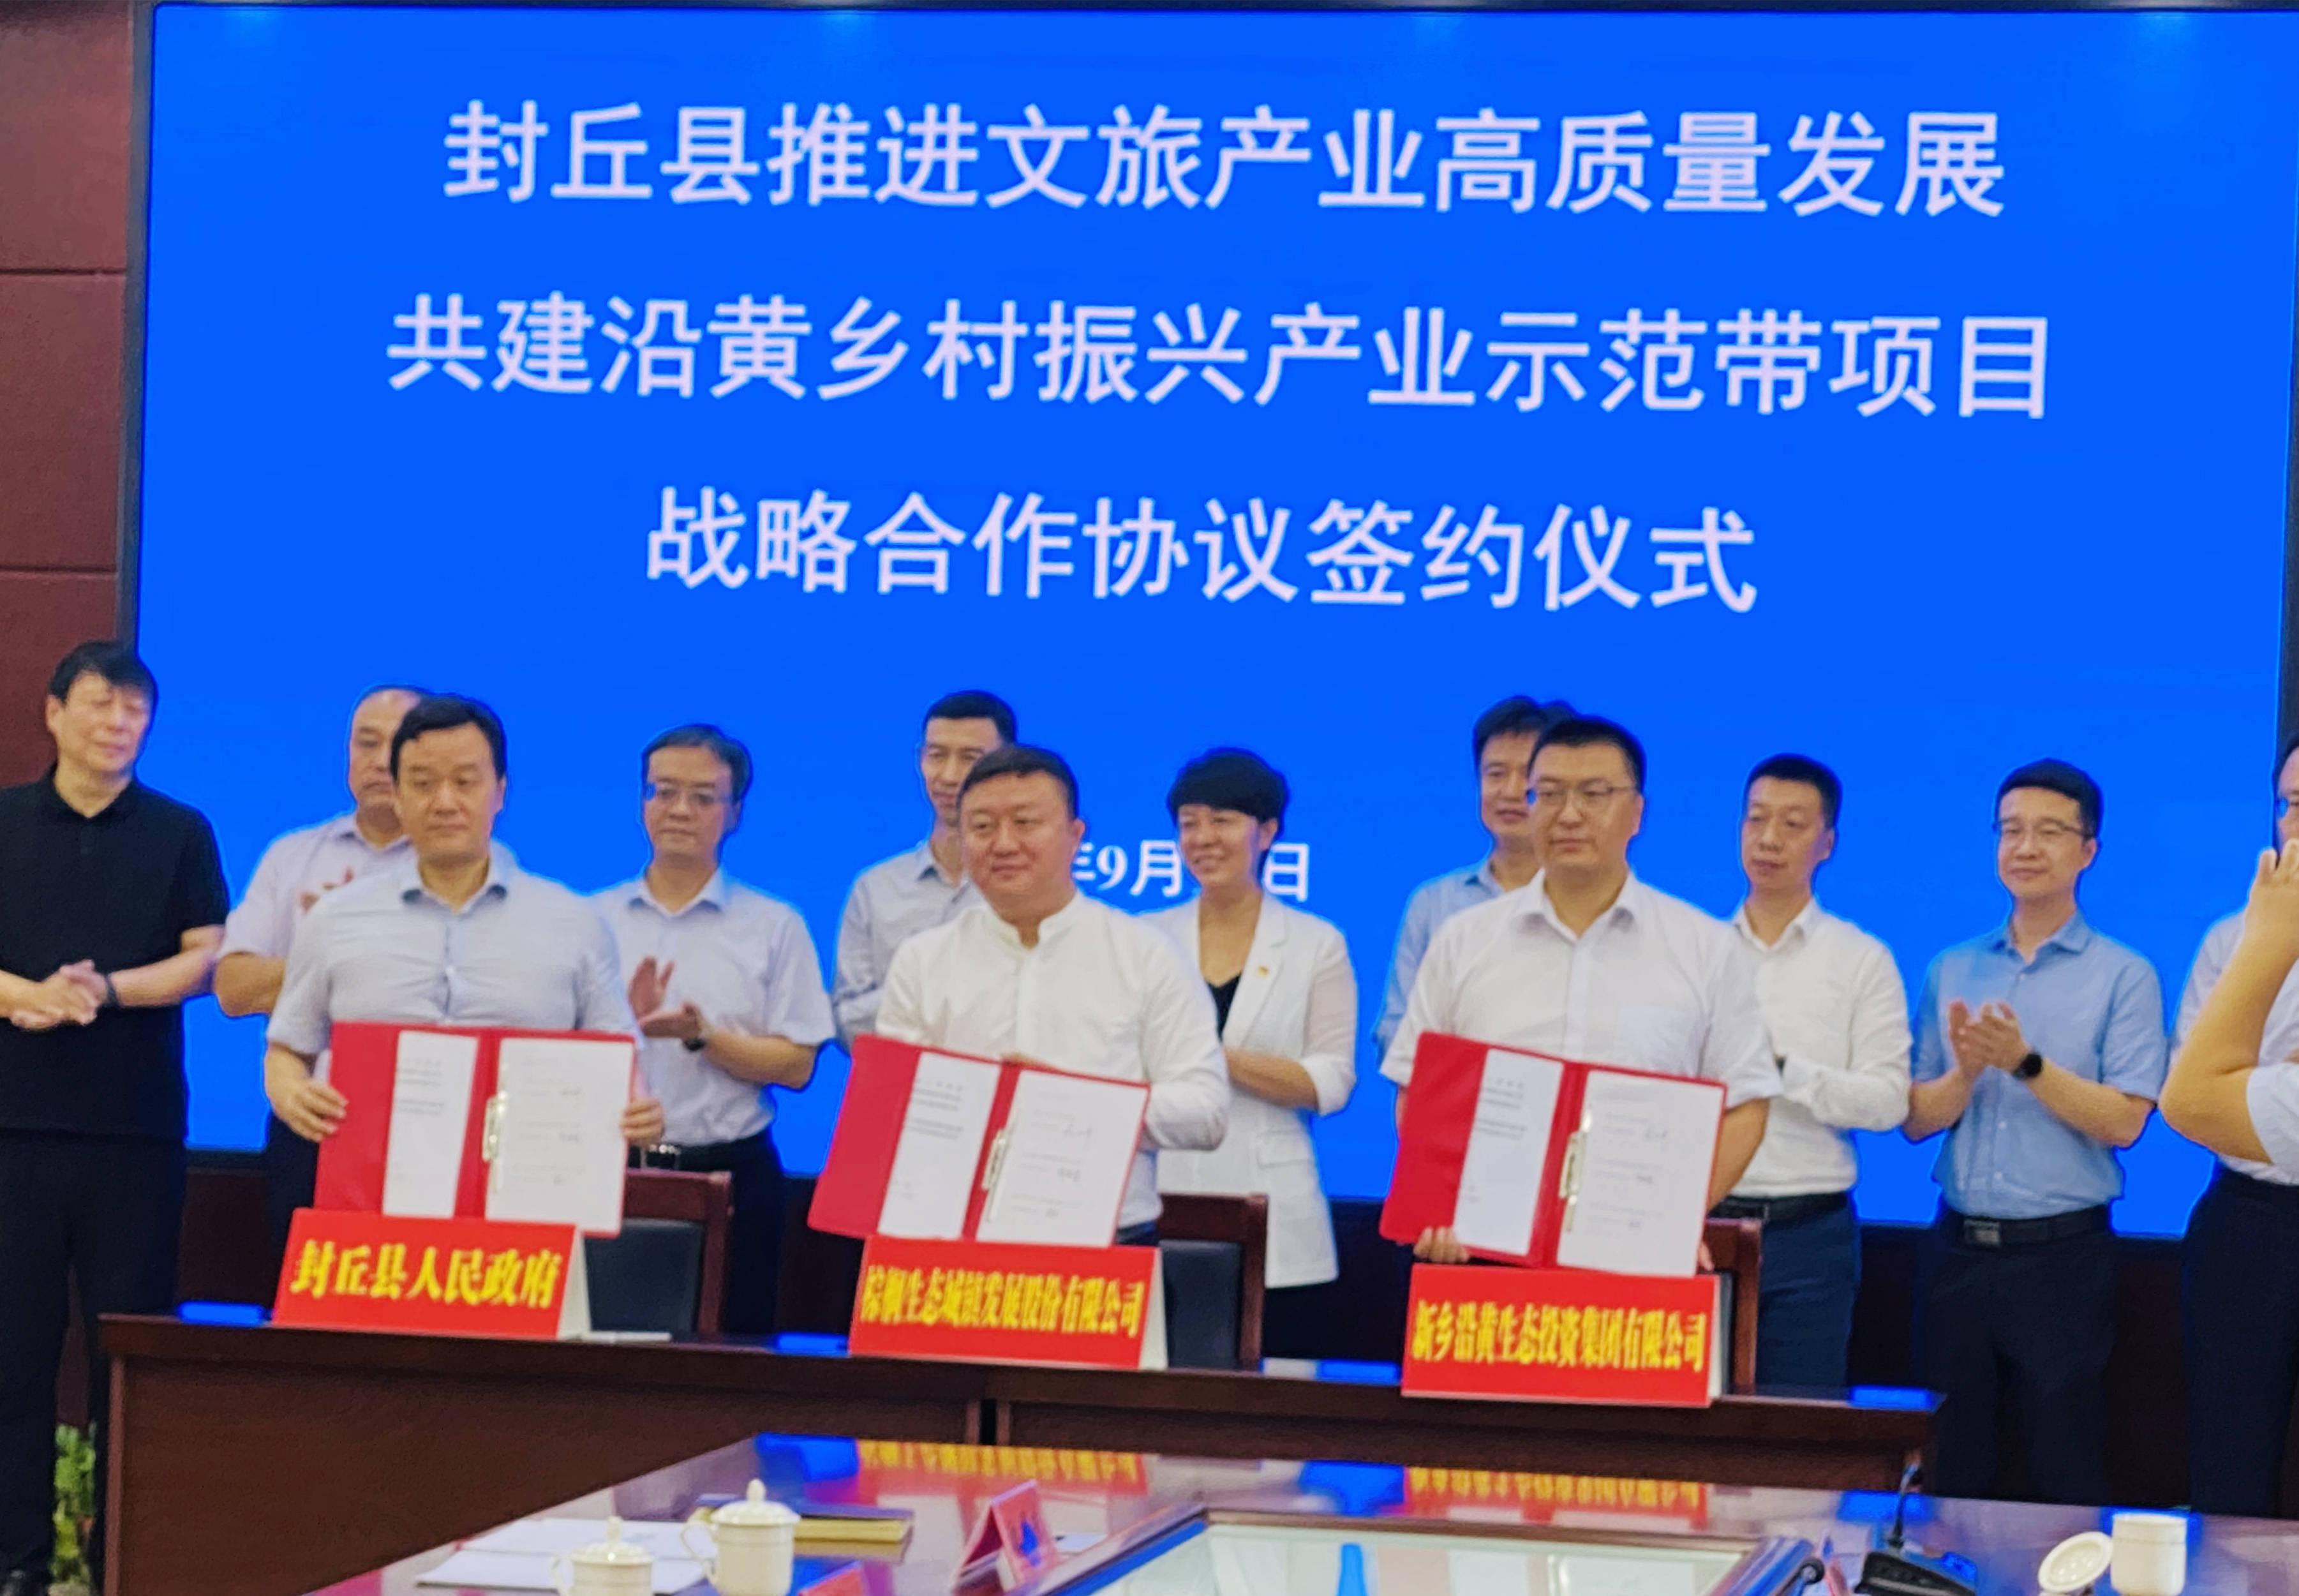 棕榈股份与封丘县人民政府、新乡市沿黄投资集团签署共建沿黄乡村振兴合作协议